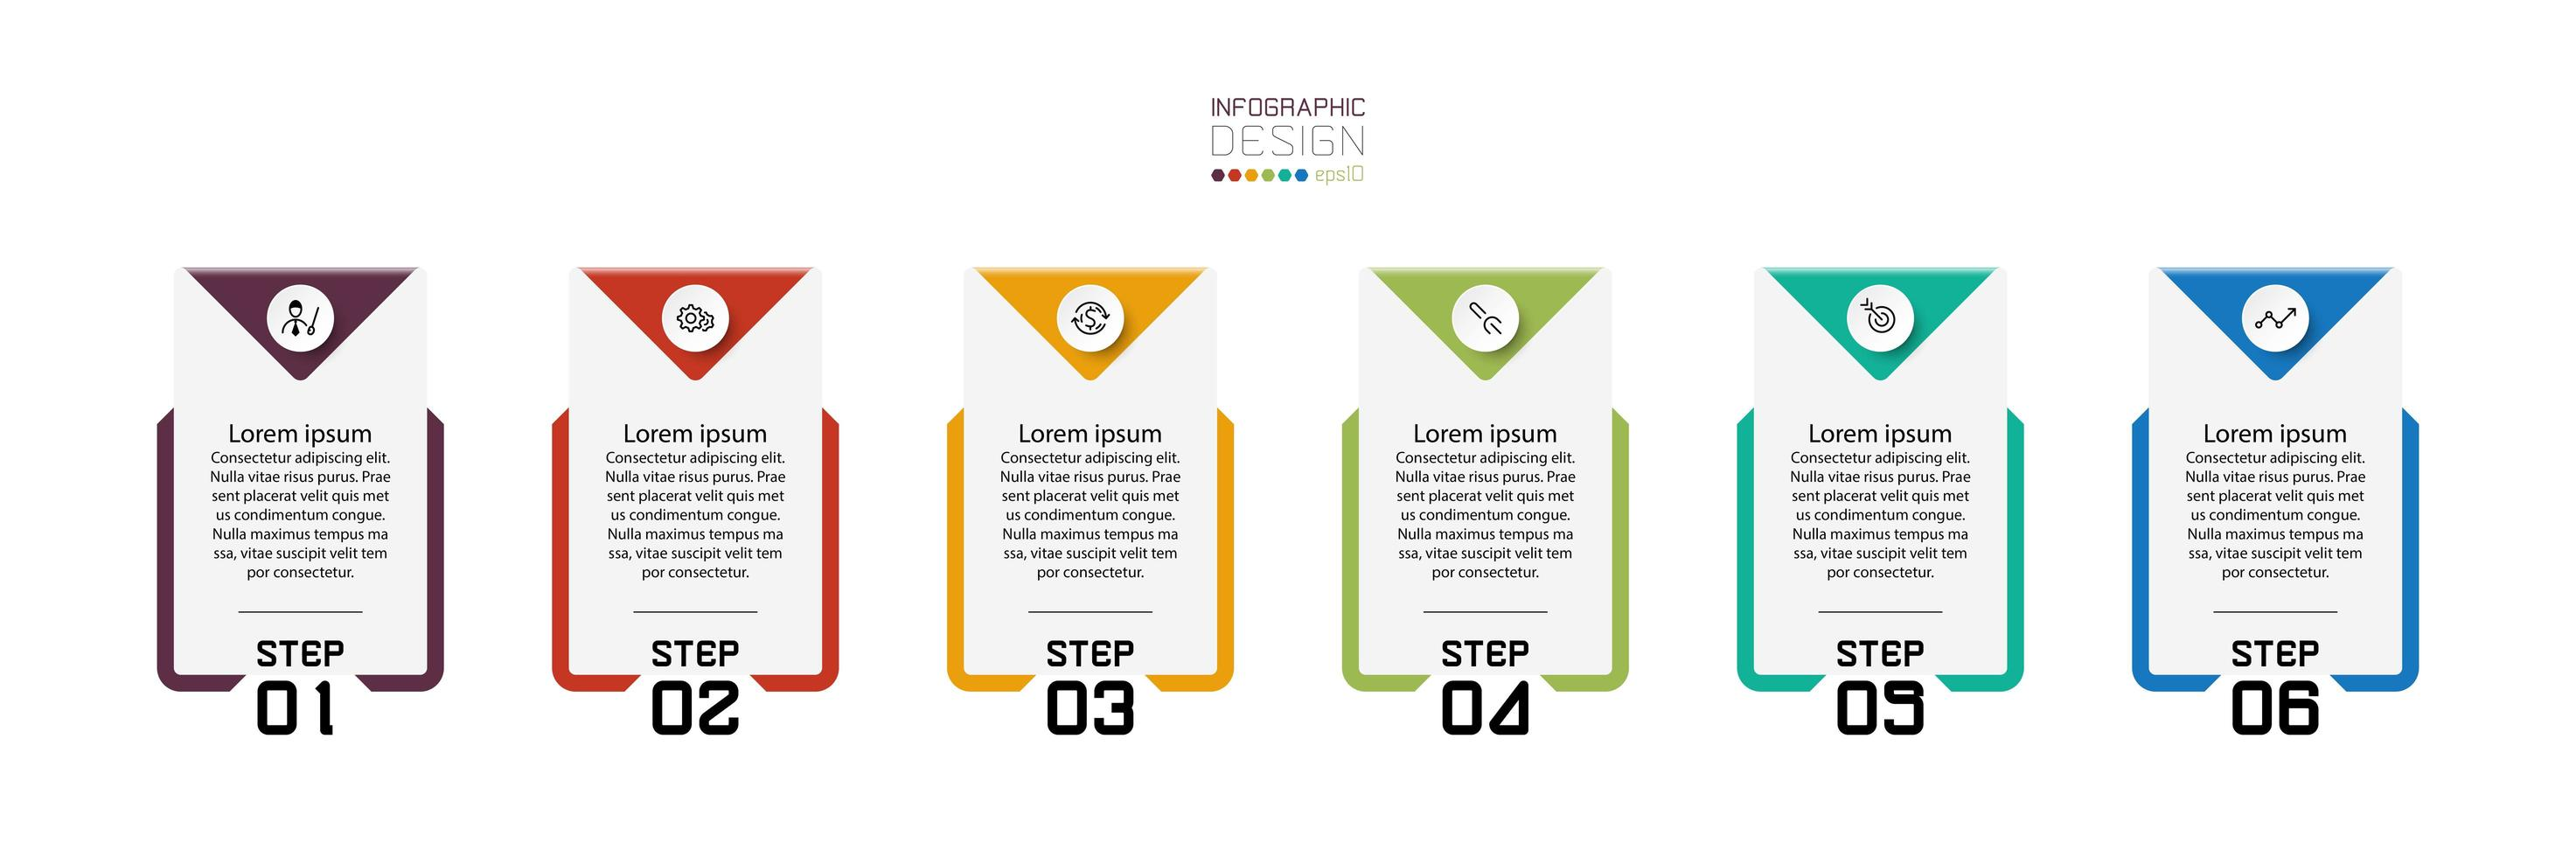 ensemble d'étapes de conception infographique en forme de carré vecteur